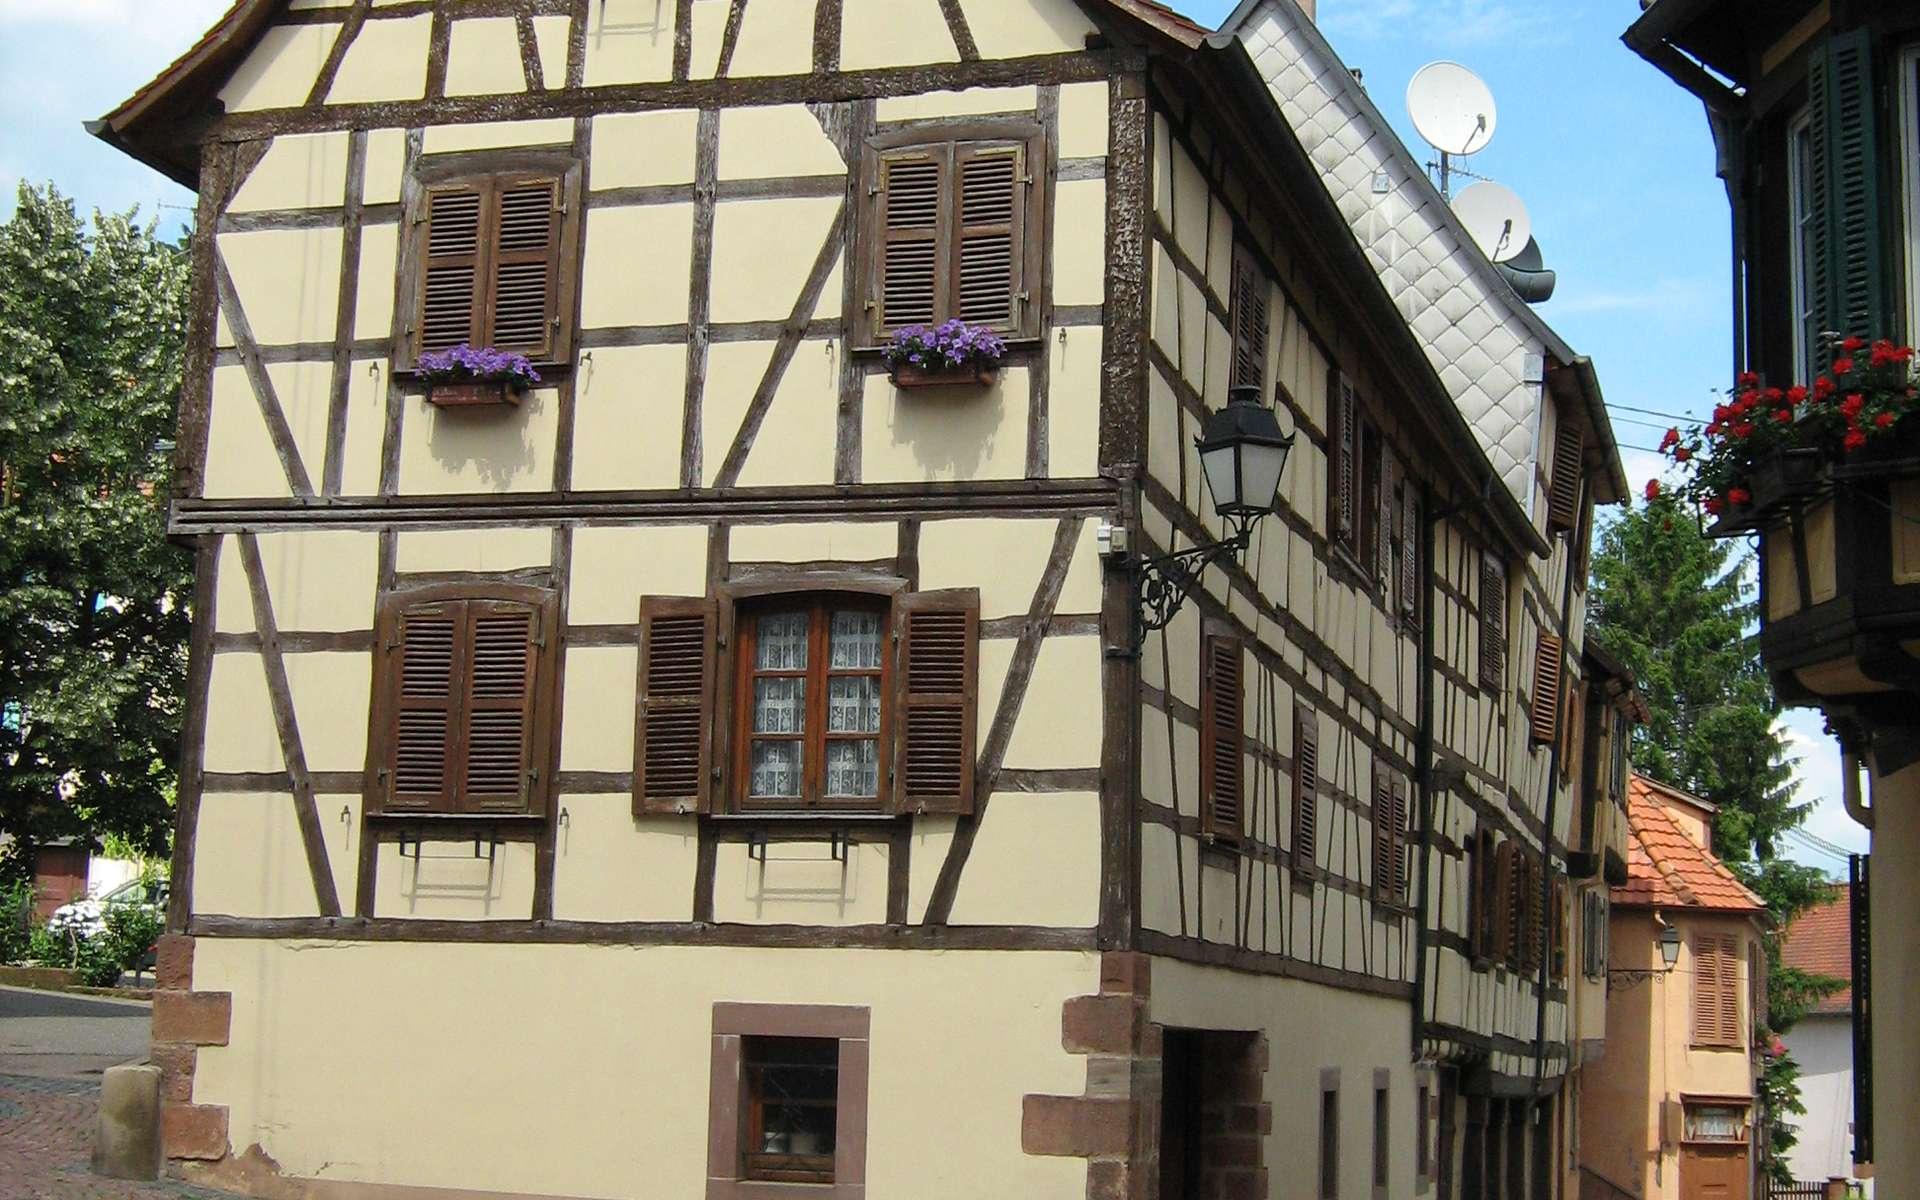 Les murs de pignon désignent actuellement les murs extérieurs (façade principale non comprise). © Buchsweiler, CC BY-SA 3.0, Wikimedia Commons